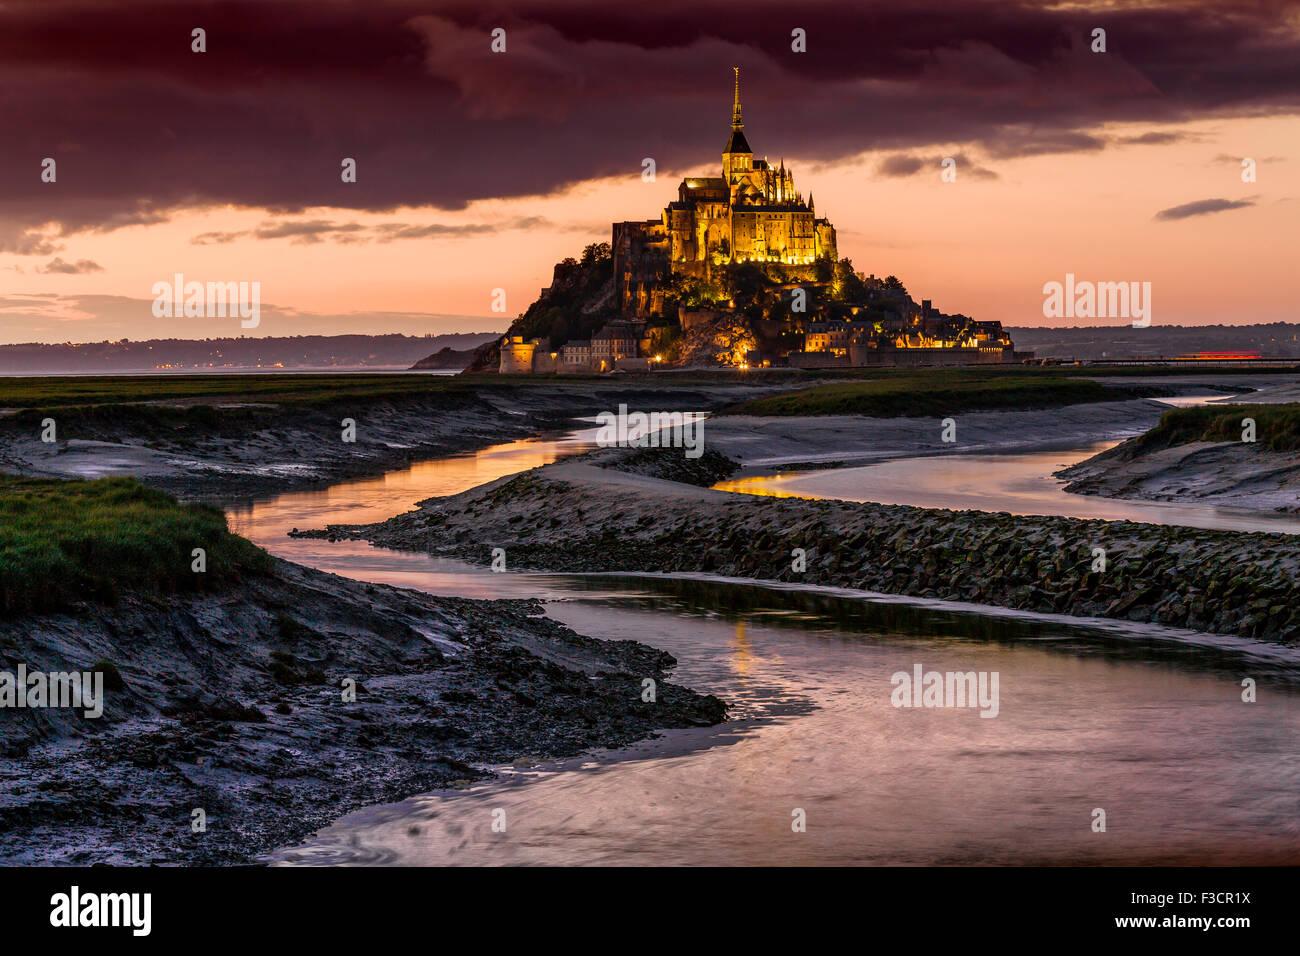 Couesnon Fluss Le Mont-Saint-Michel Saint Michael Mount Benedictine Abtei untere Normandie Manche Frankreich Europa Stockbild